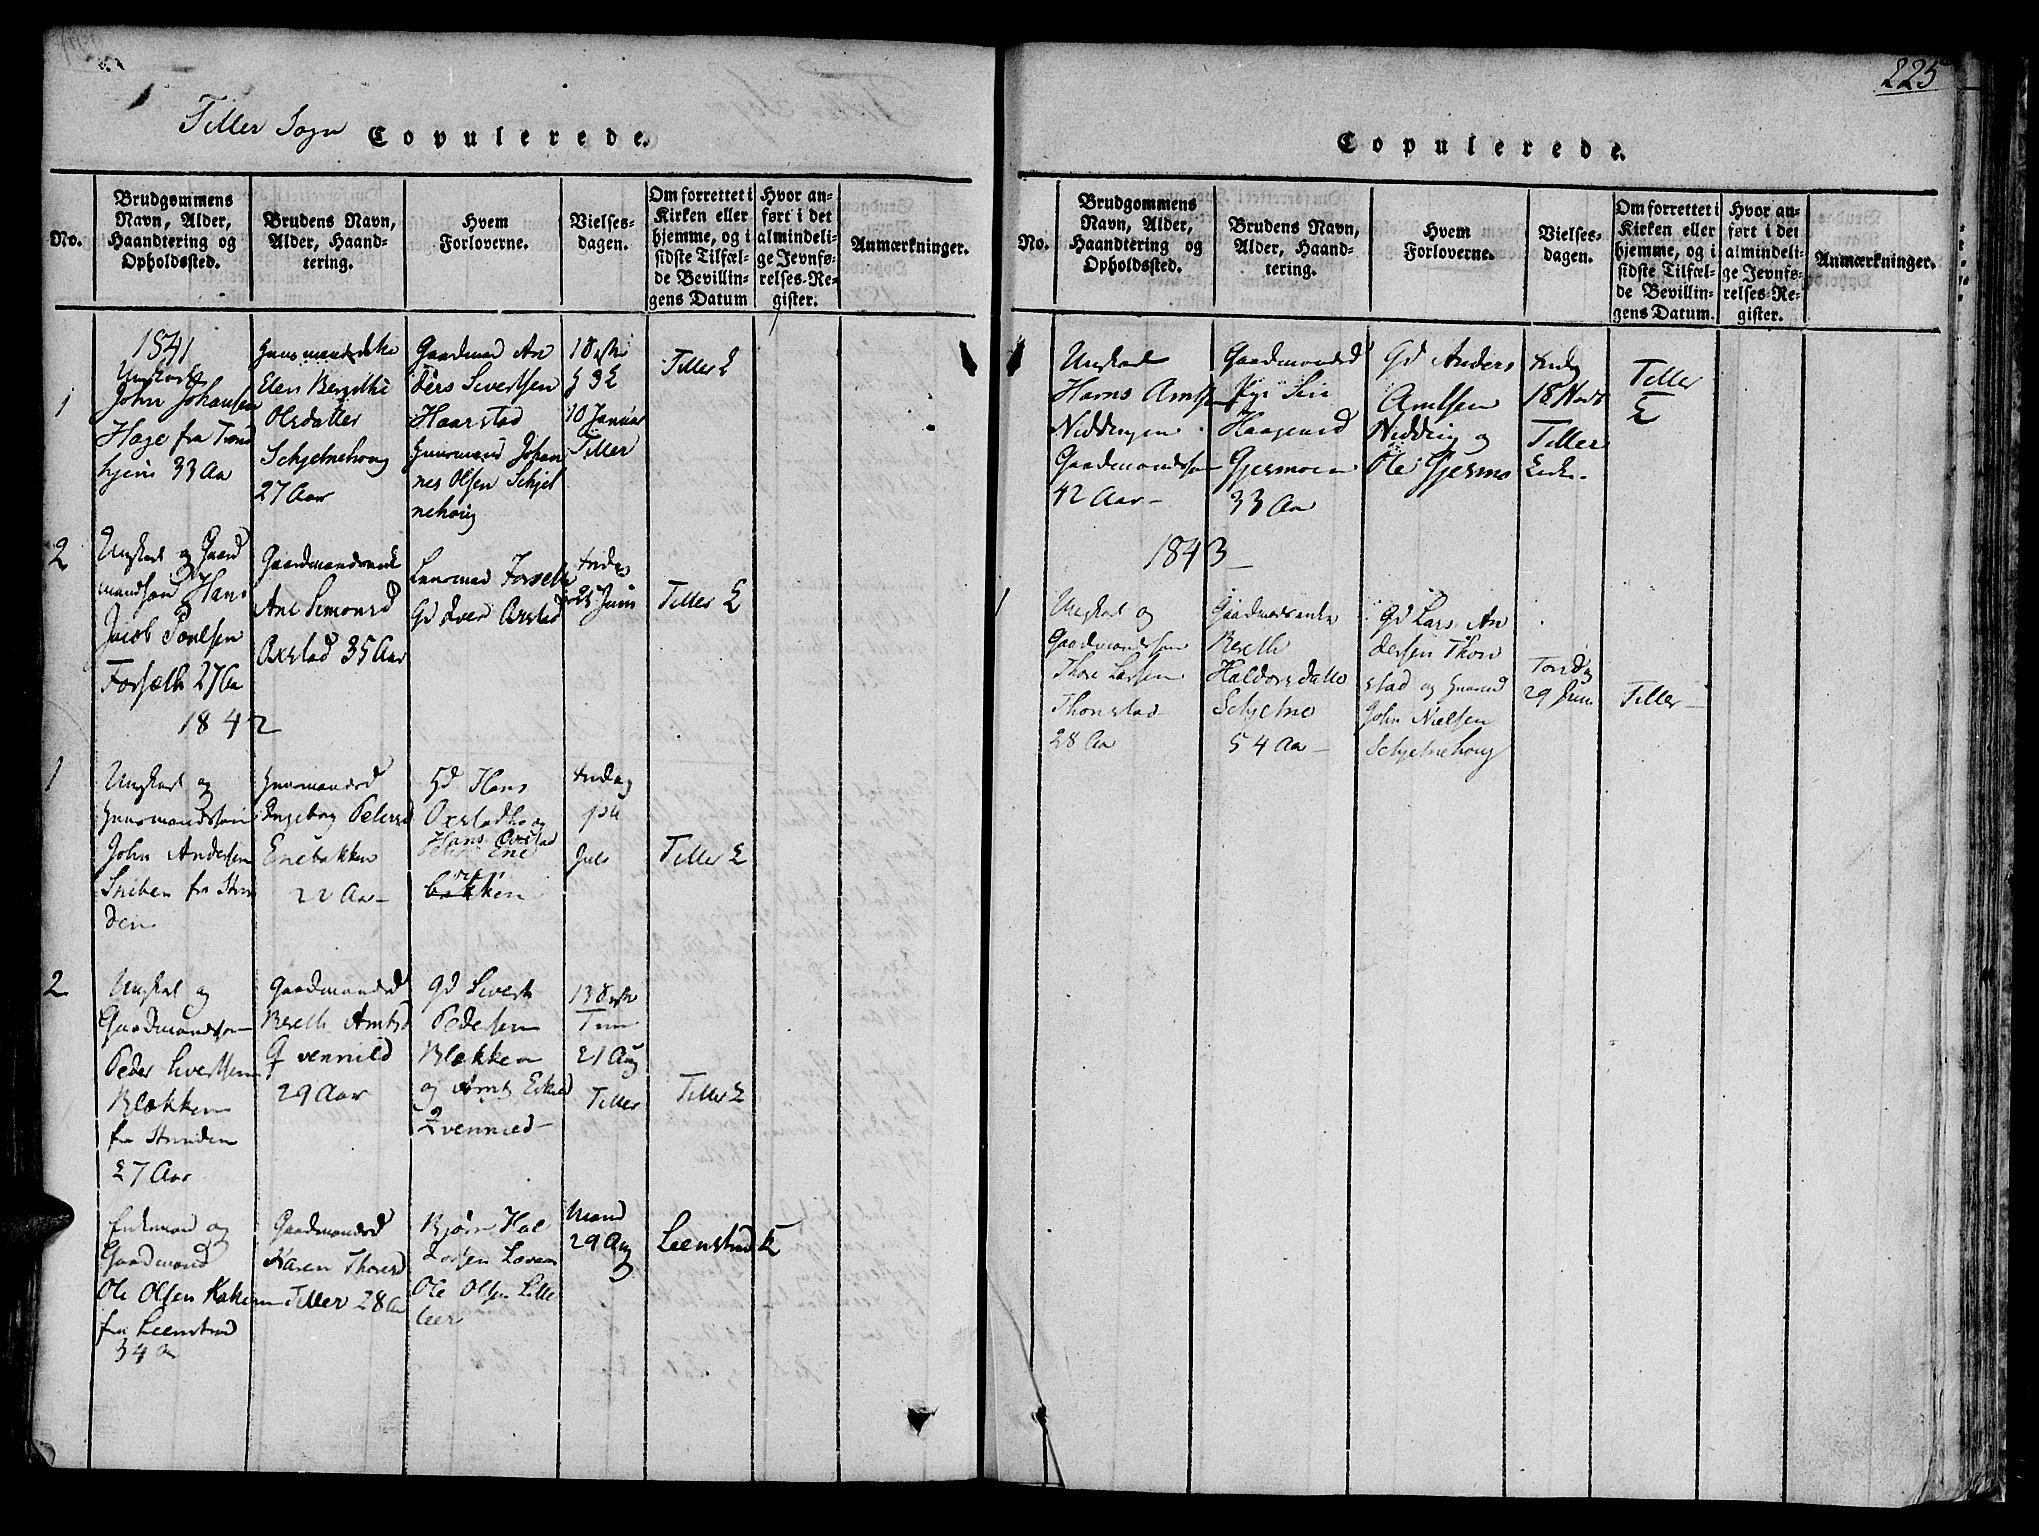 SAT, Ministerialprotokoller, klokkerbøker og fødselsregistre - Sør-Trøndelag, 618/L0440: Ministerialbok nr. 618A04 /2, 1816-1843, s. 225